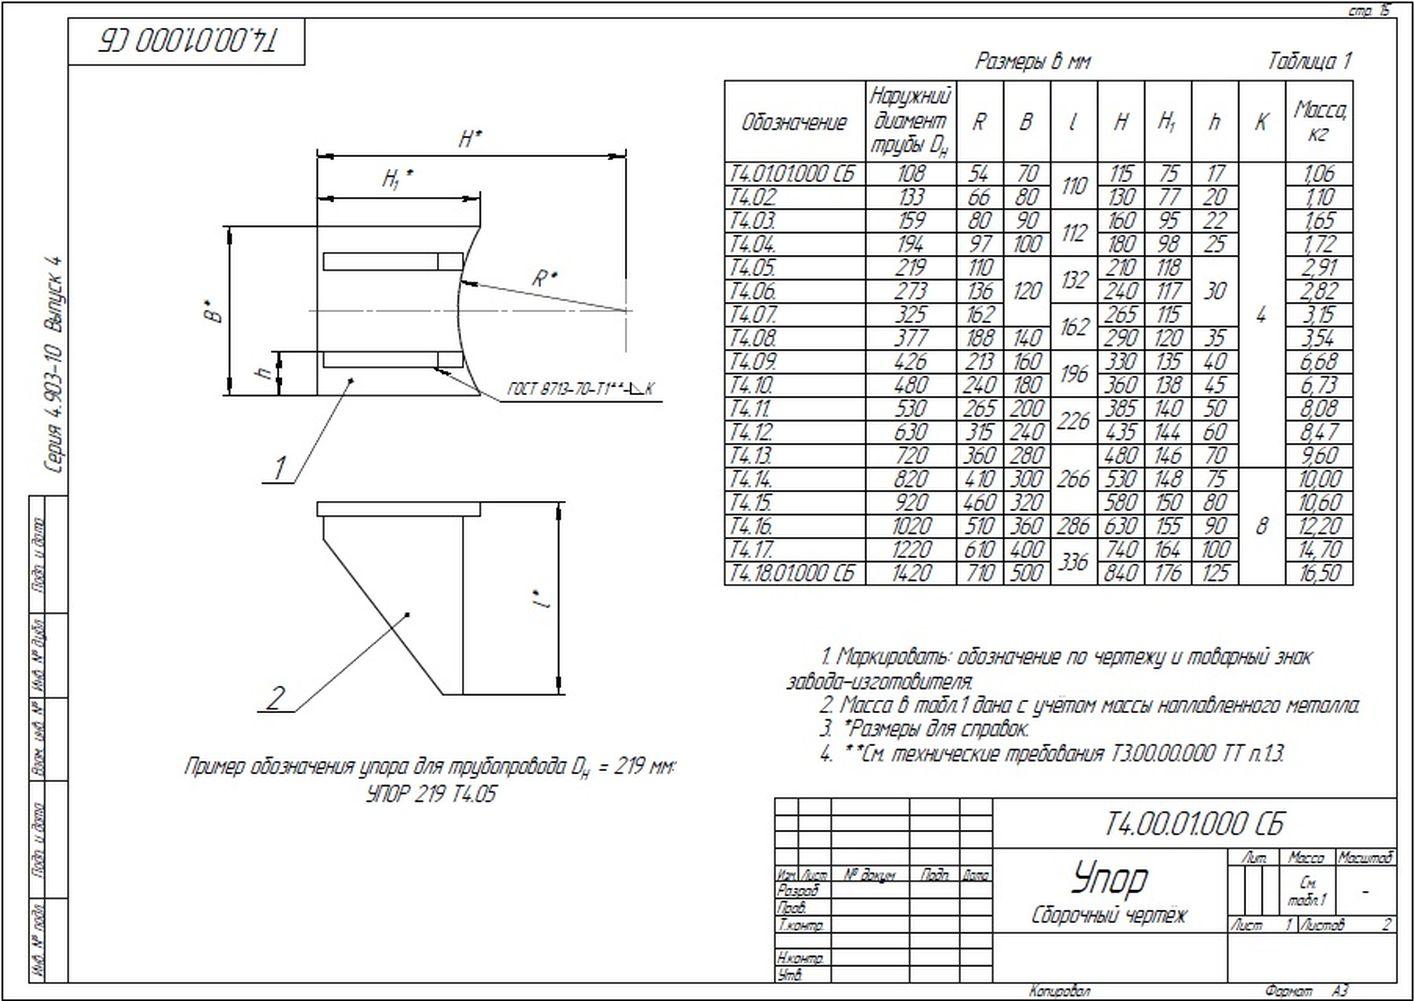 Опора неподвижная лобовая двухупорная Т4 серия 4.903-10 вып.4 стр.5